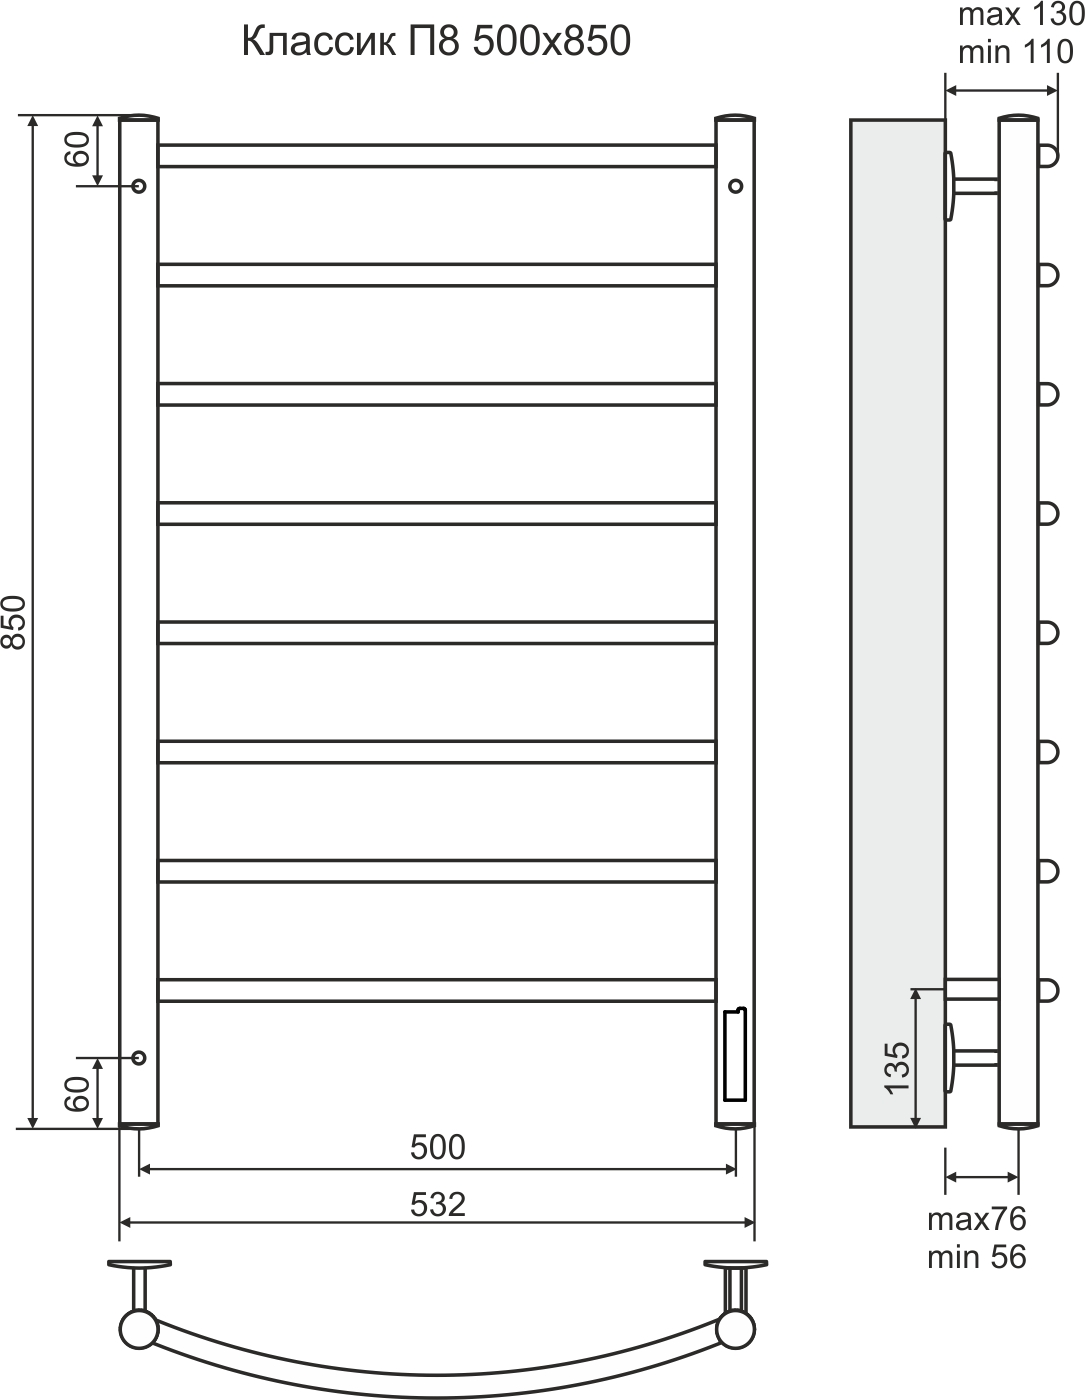 Полотенцесушитель электрический TERMINUS Классик П8 500х850 (скрытая проводка) - купить в Екатеринбурге